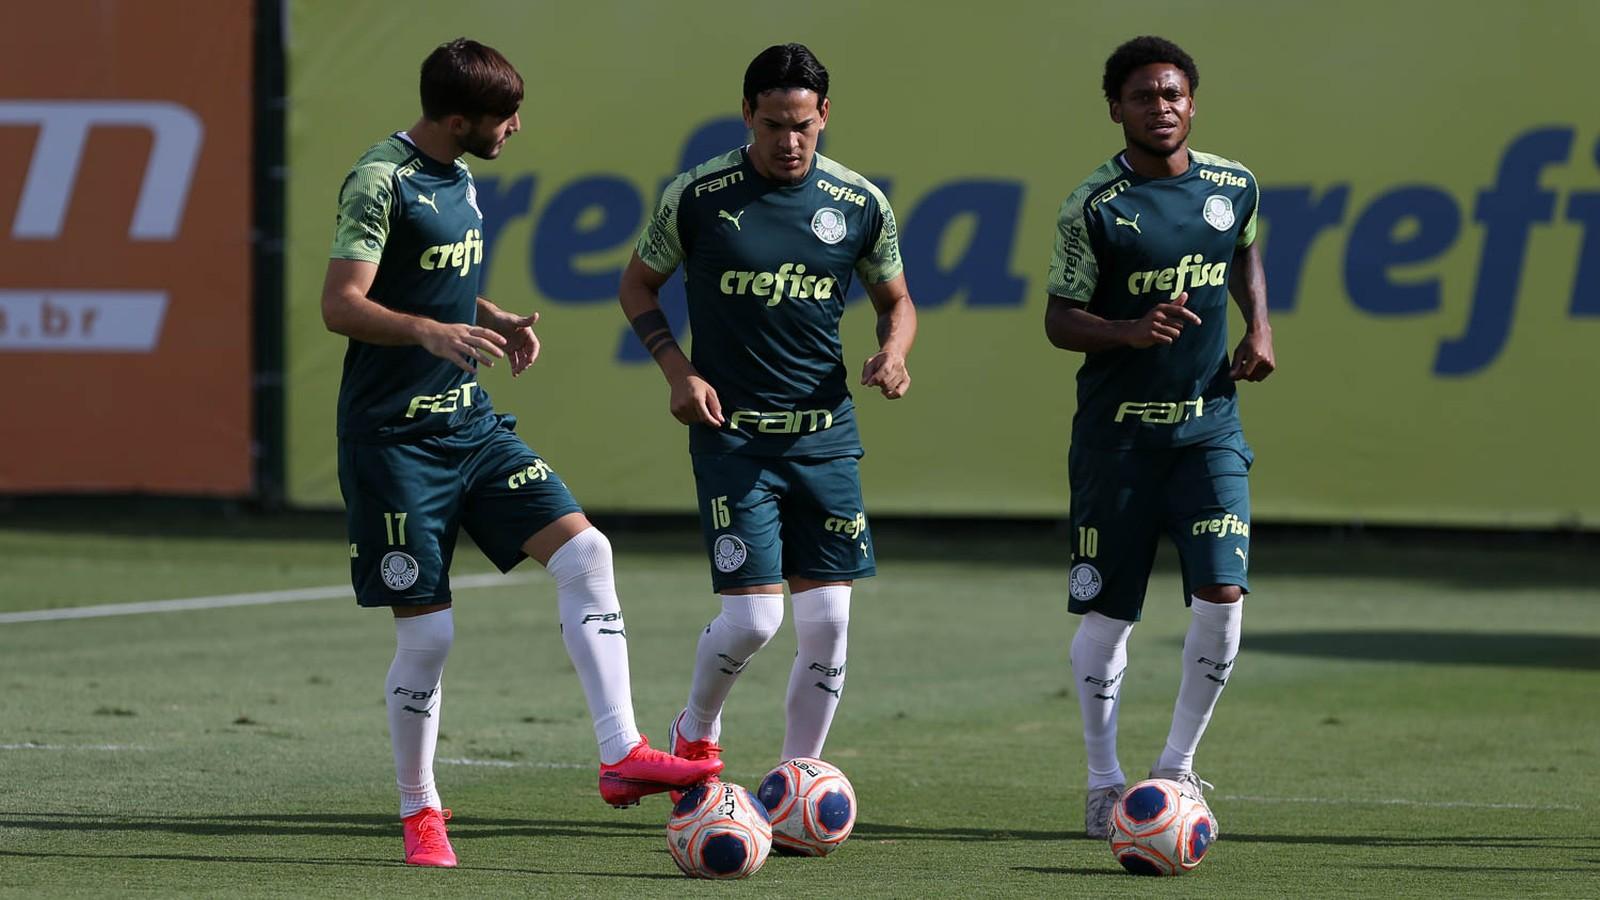 Retornos, desfalques e visitas ilustres marcam terça-feira do Palmeiras; veja provável escalação